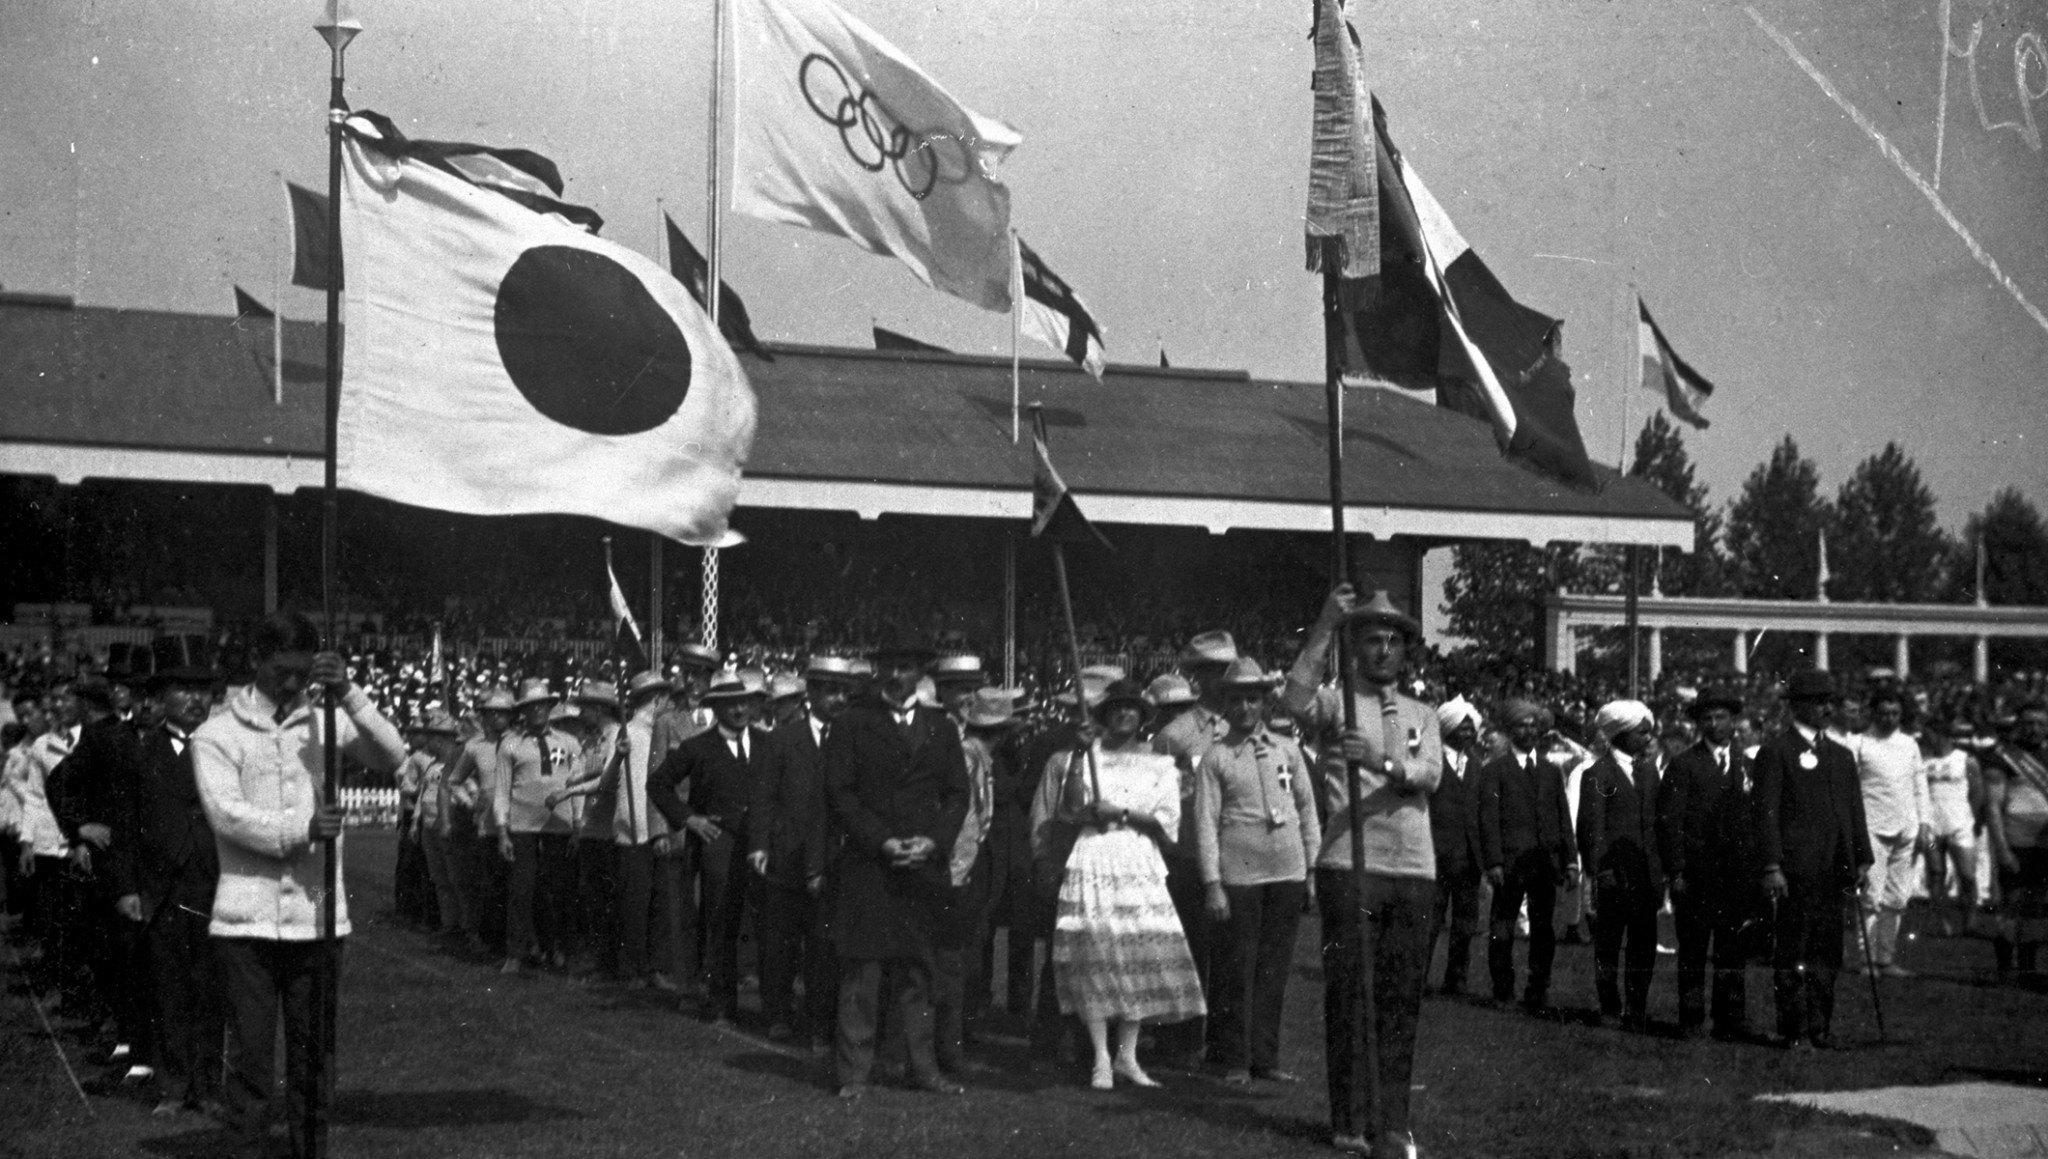 Олимпийский флаг впервые подняли на Олимпийских играх 1920 года в Антверпене